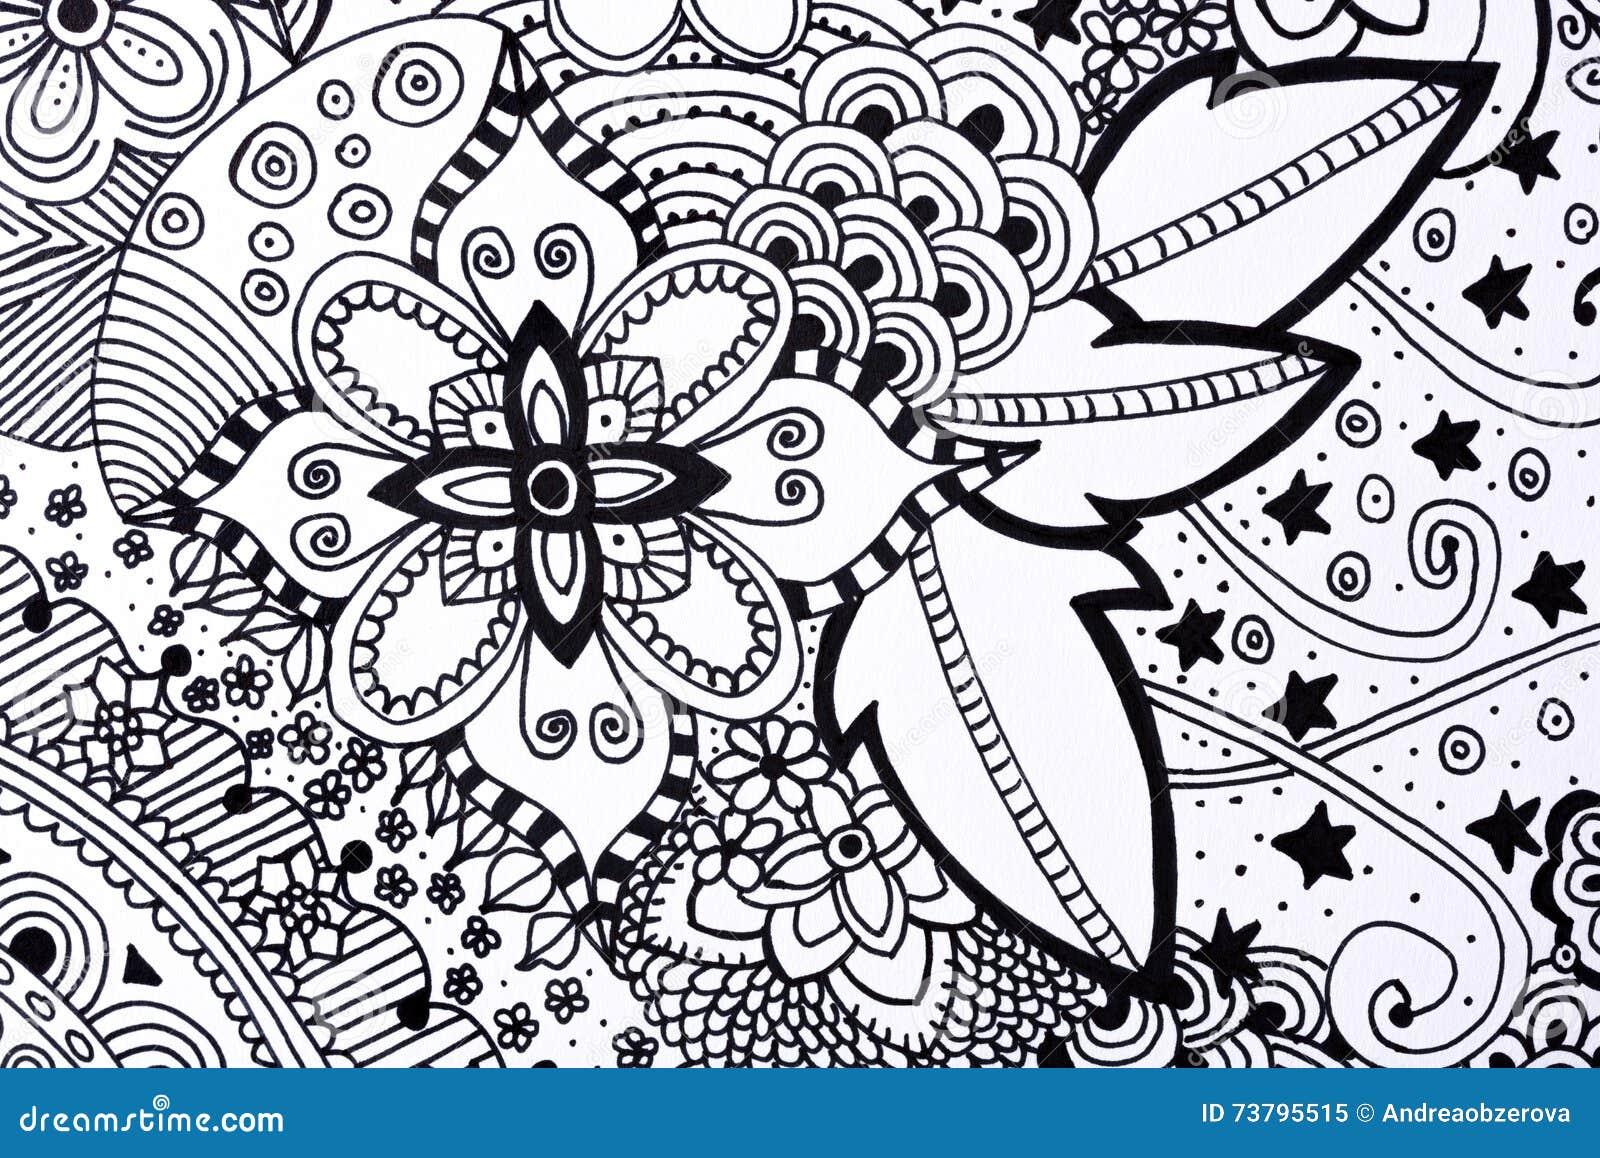 Illustrazione disegnata a mano del libro da colorare adulto